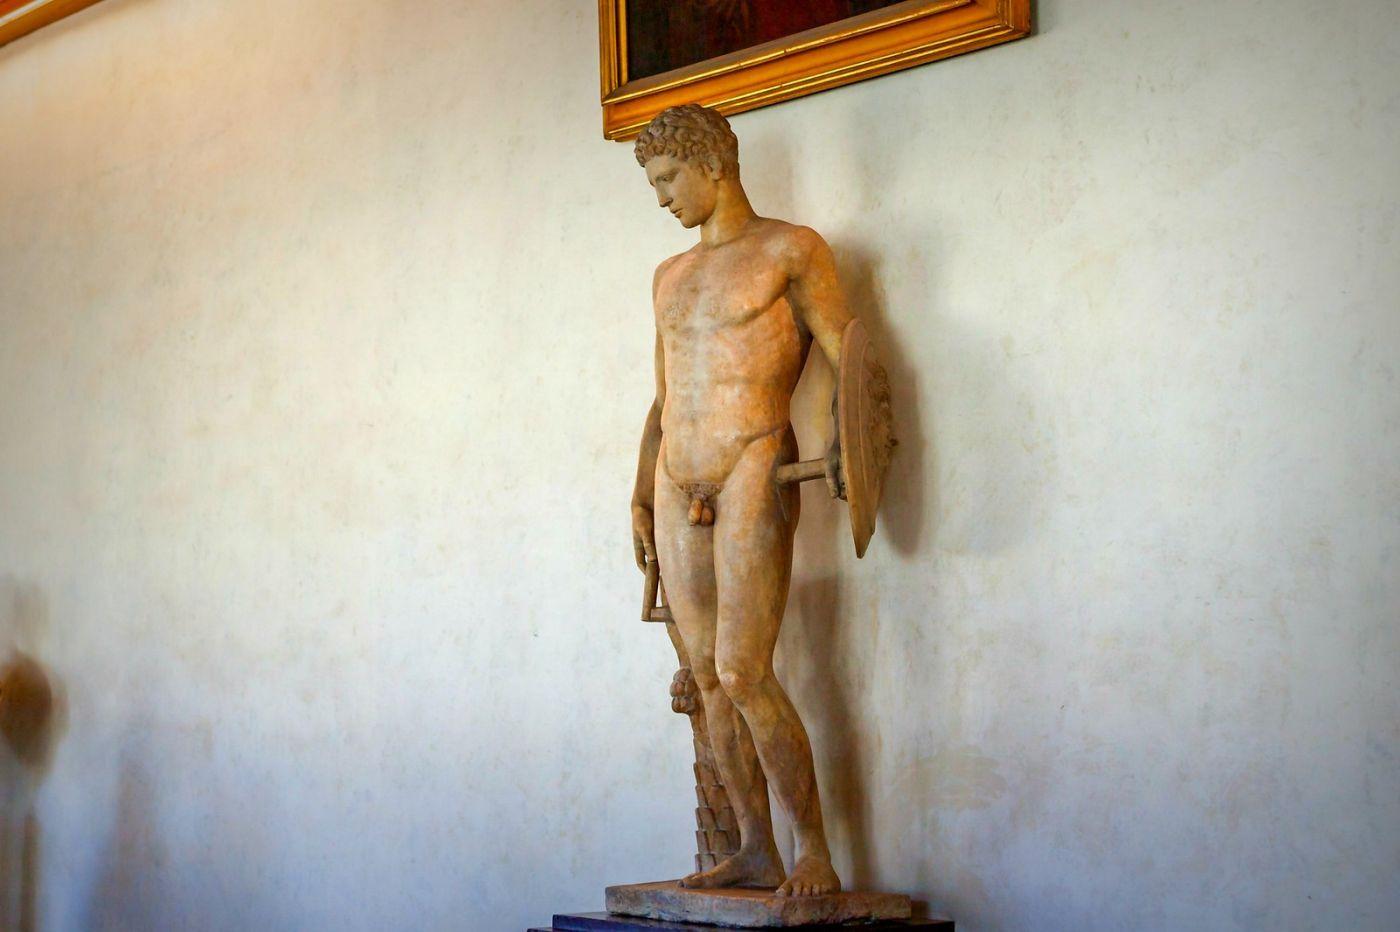 意大利佛罗伦斯乌菲兹美术馆, 目睹藏品_图1-31